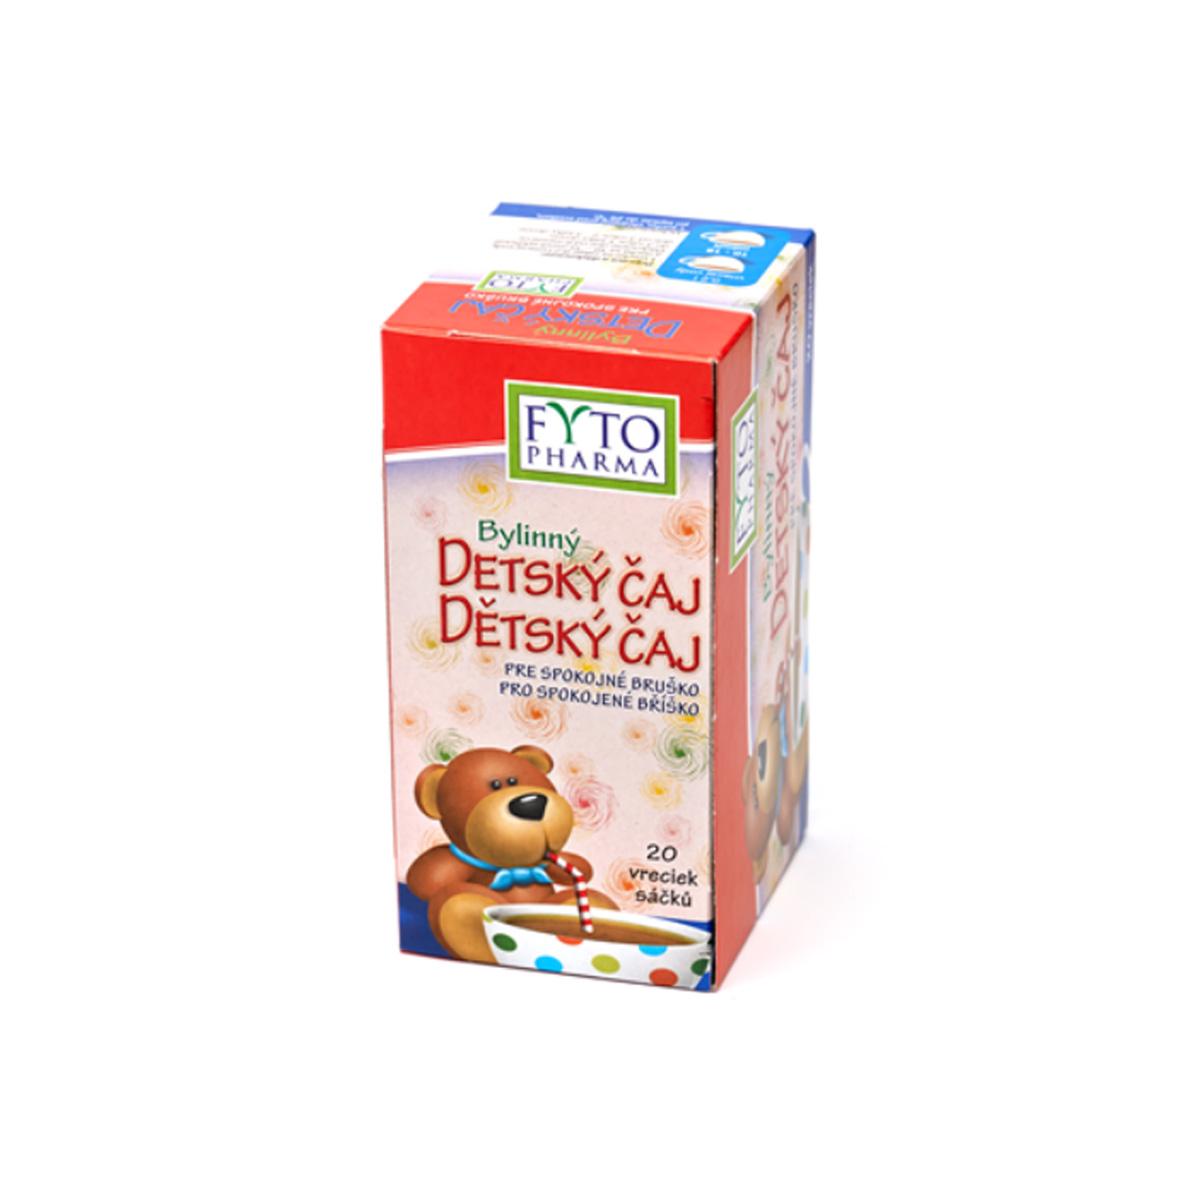 Fytopharma Dětský čaj 20 x 1 g